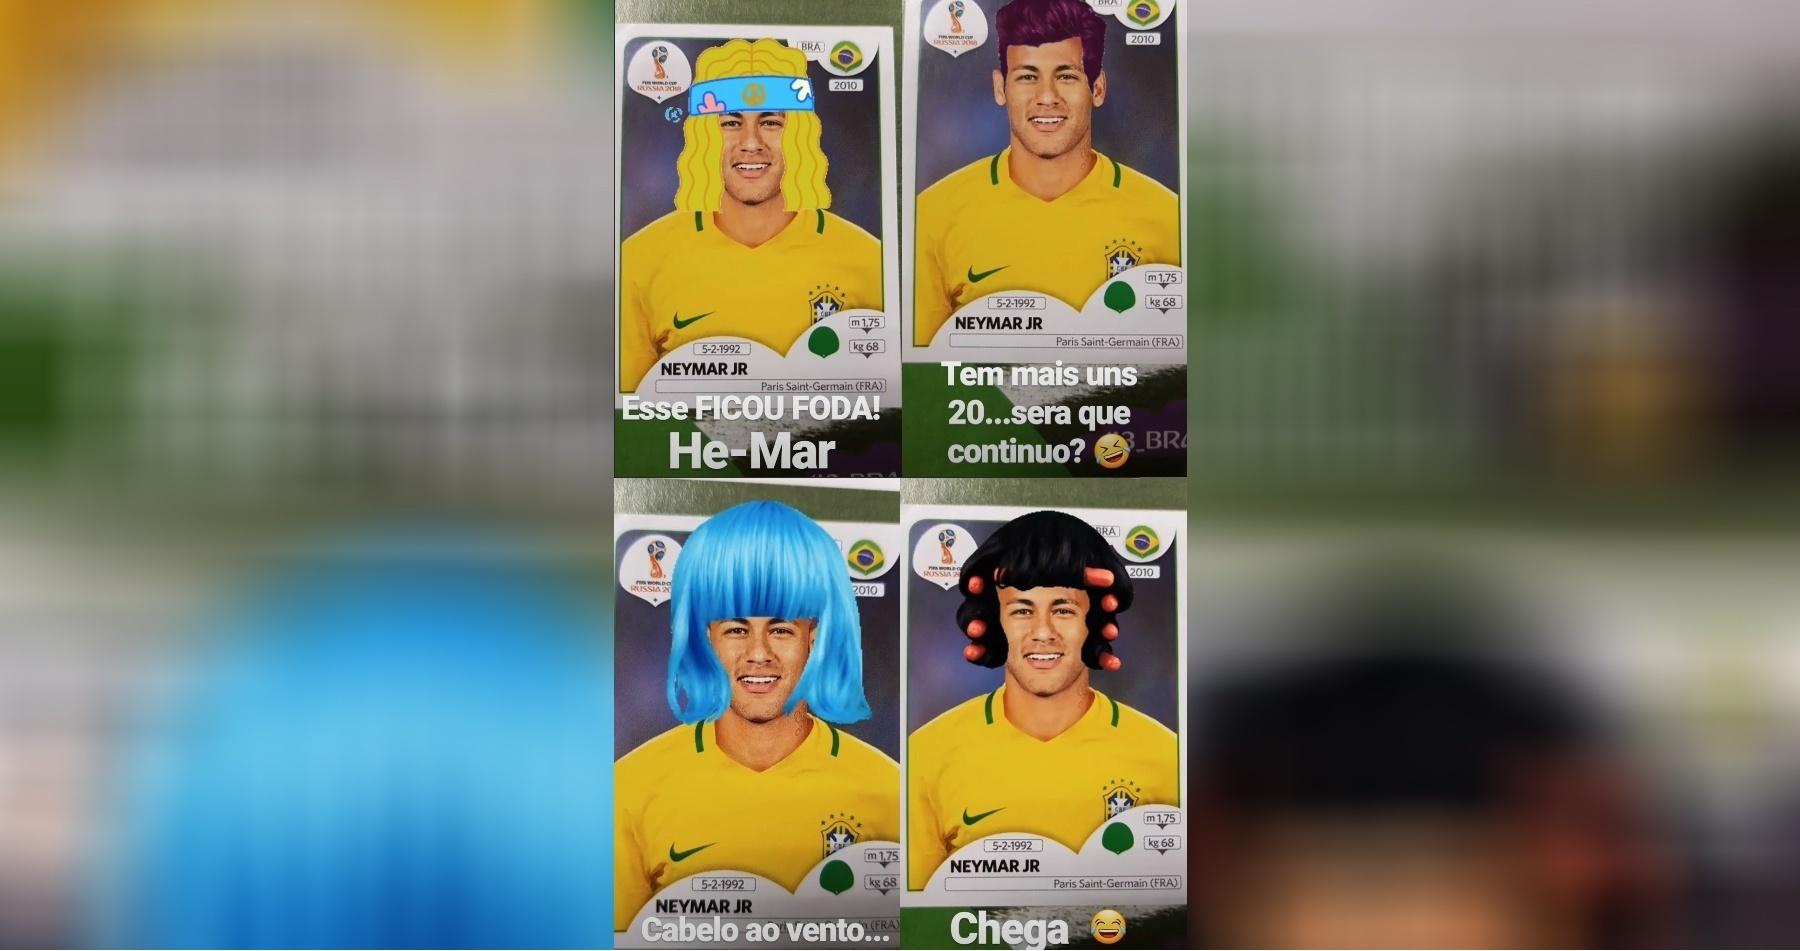 Andreoli brincou com visual de Neymar no Instagram